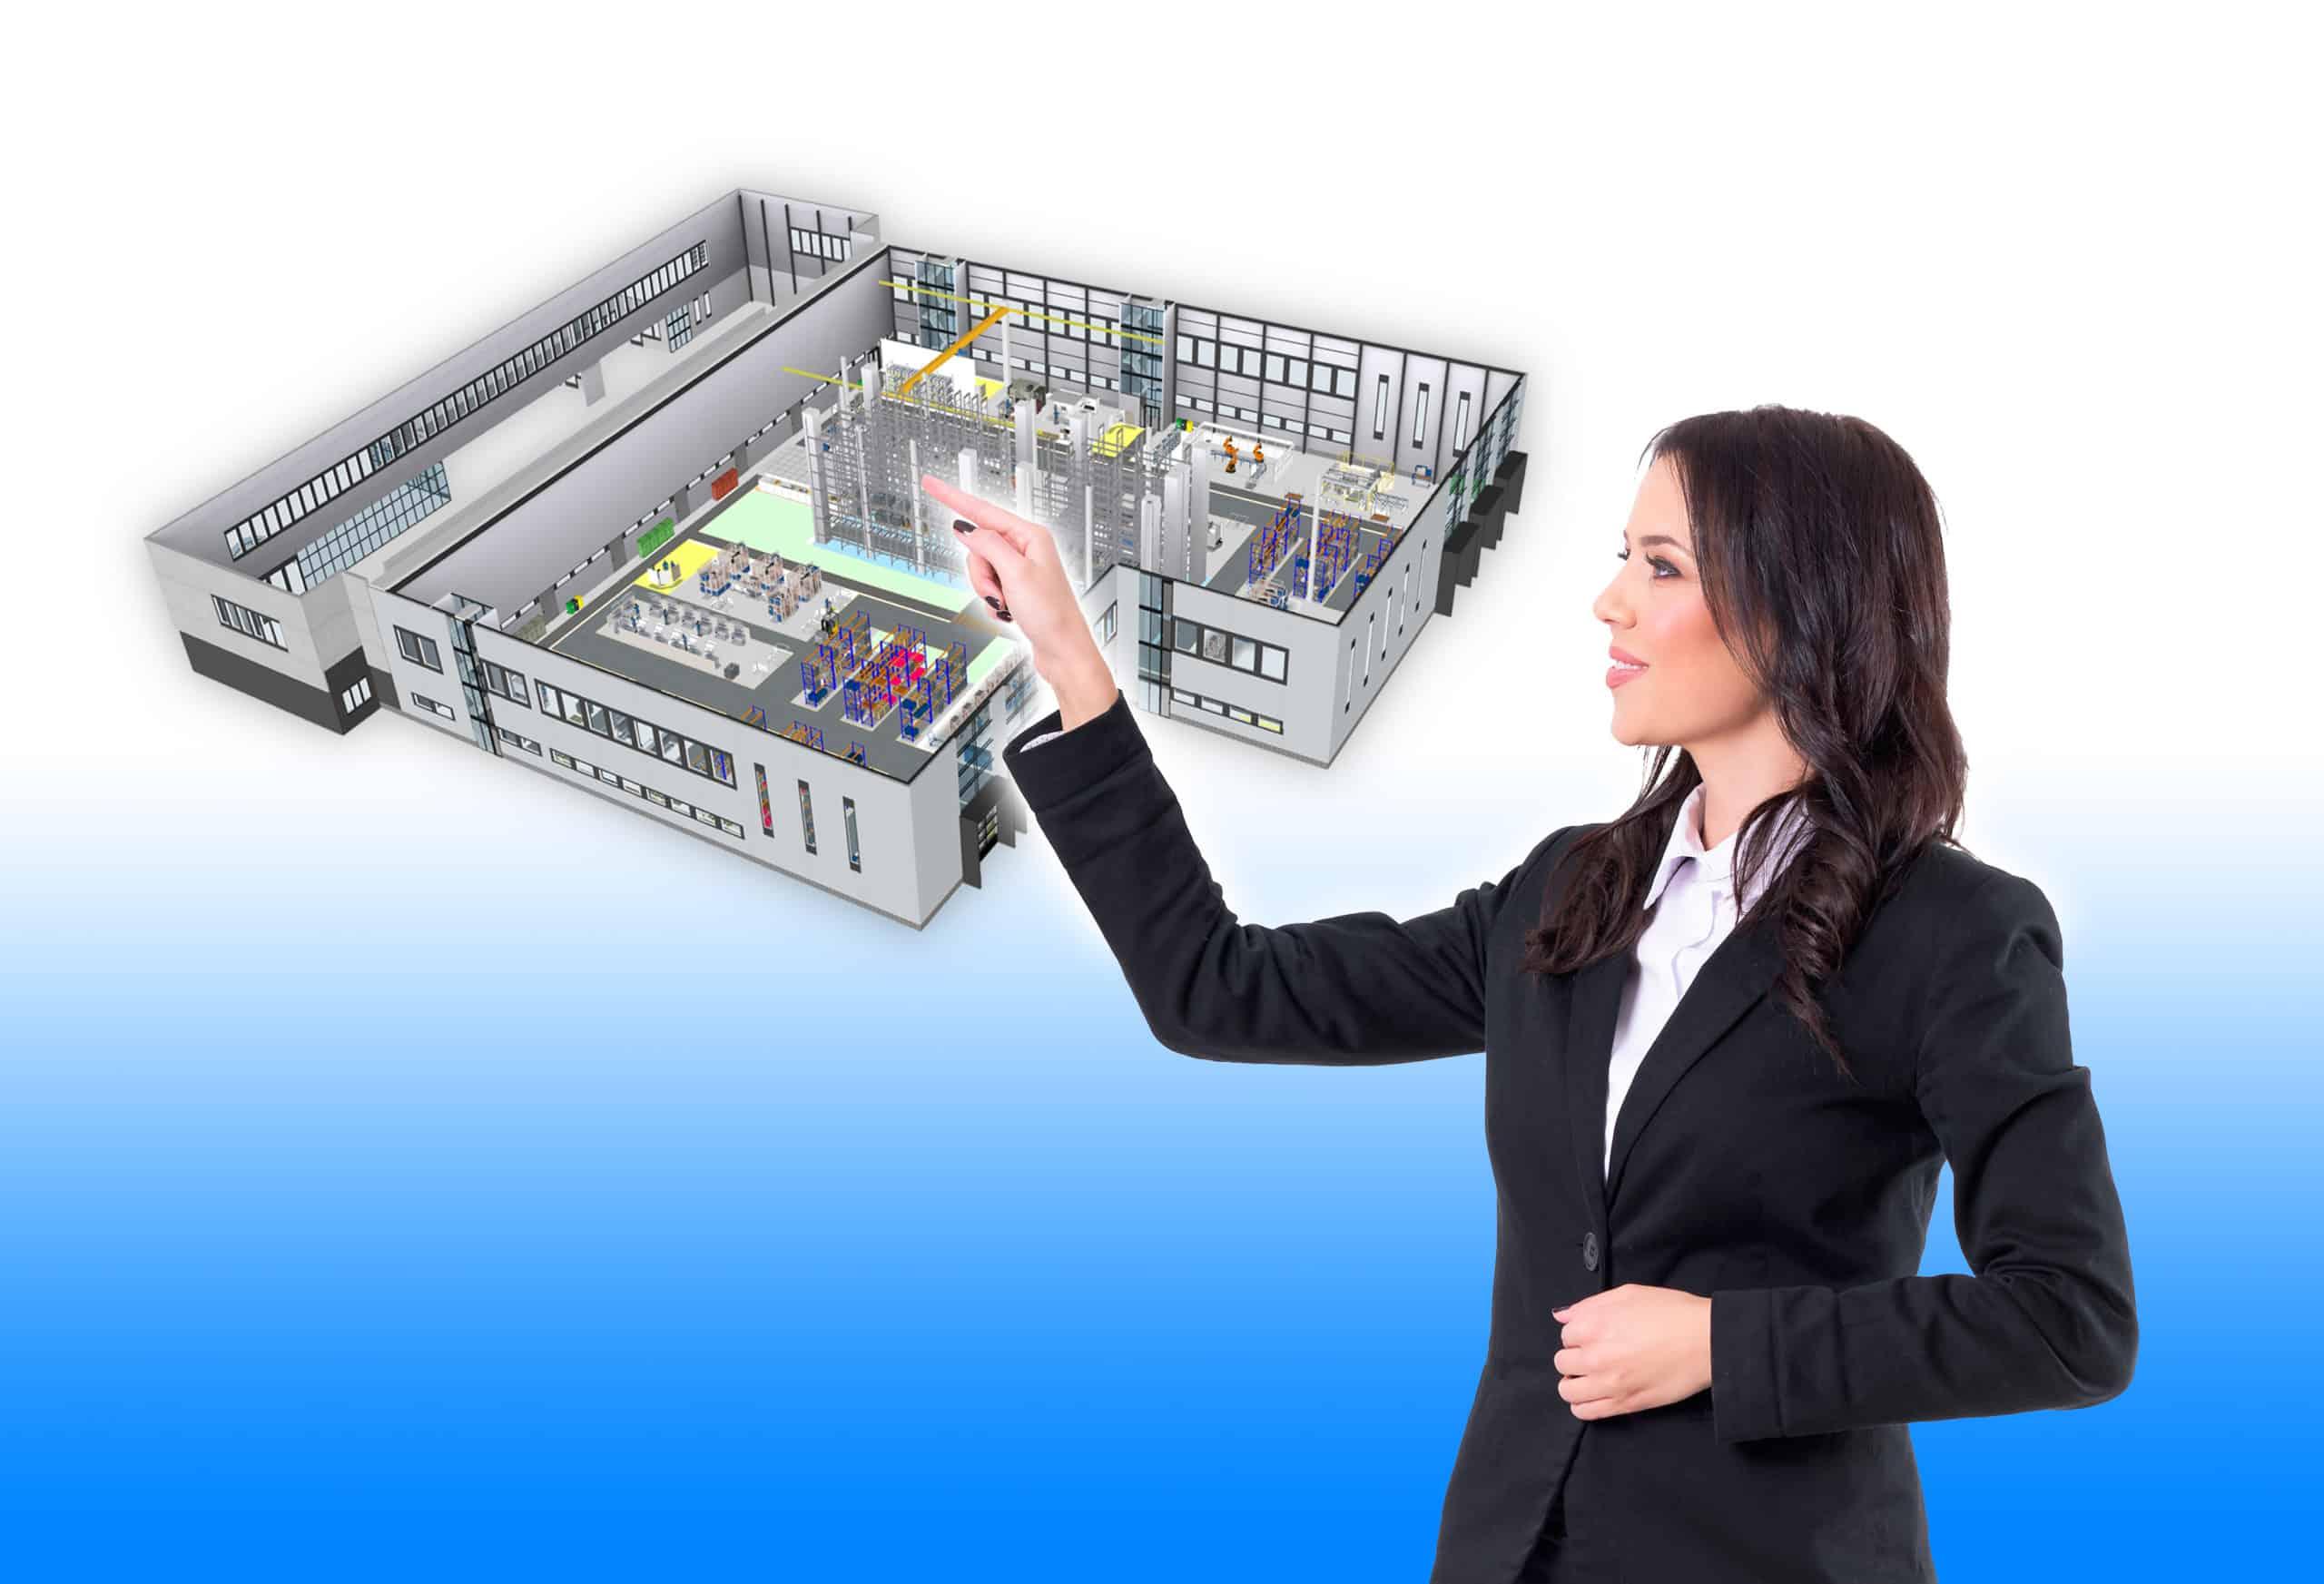 3D-Visualisierung Fabrik in Präsentation durch Planerin